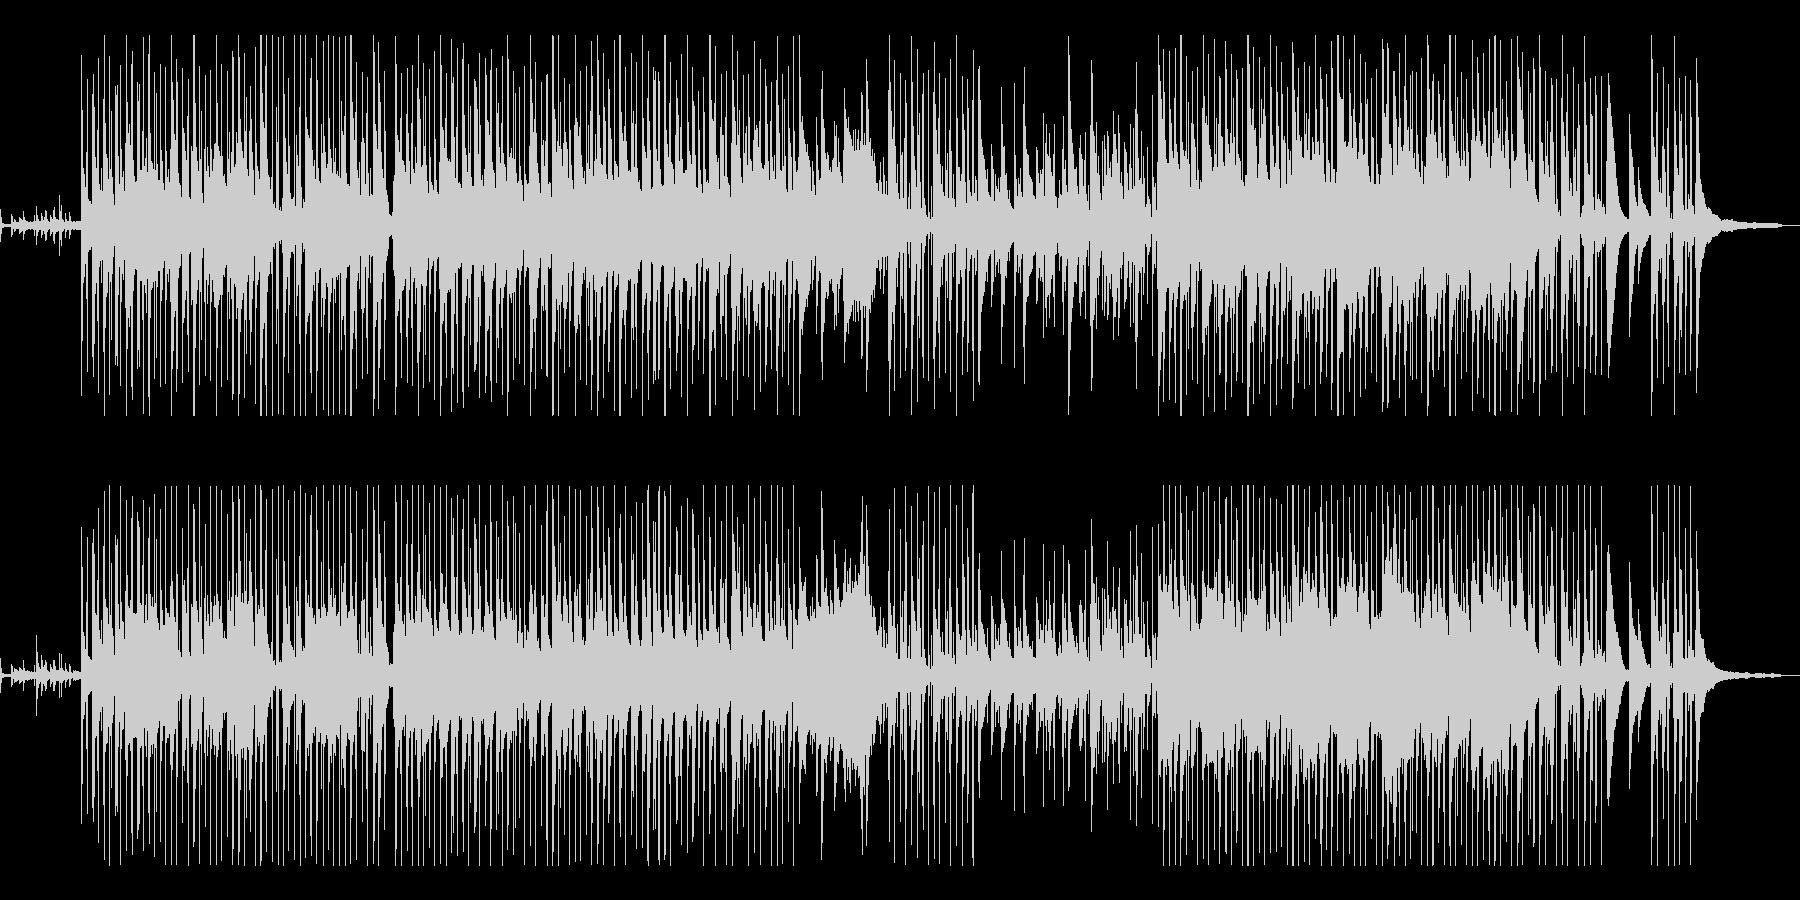 Lofi-Jazzhop chill チの未再生の波形